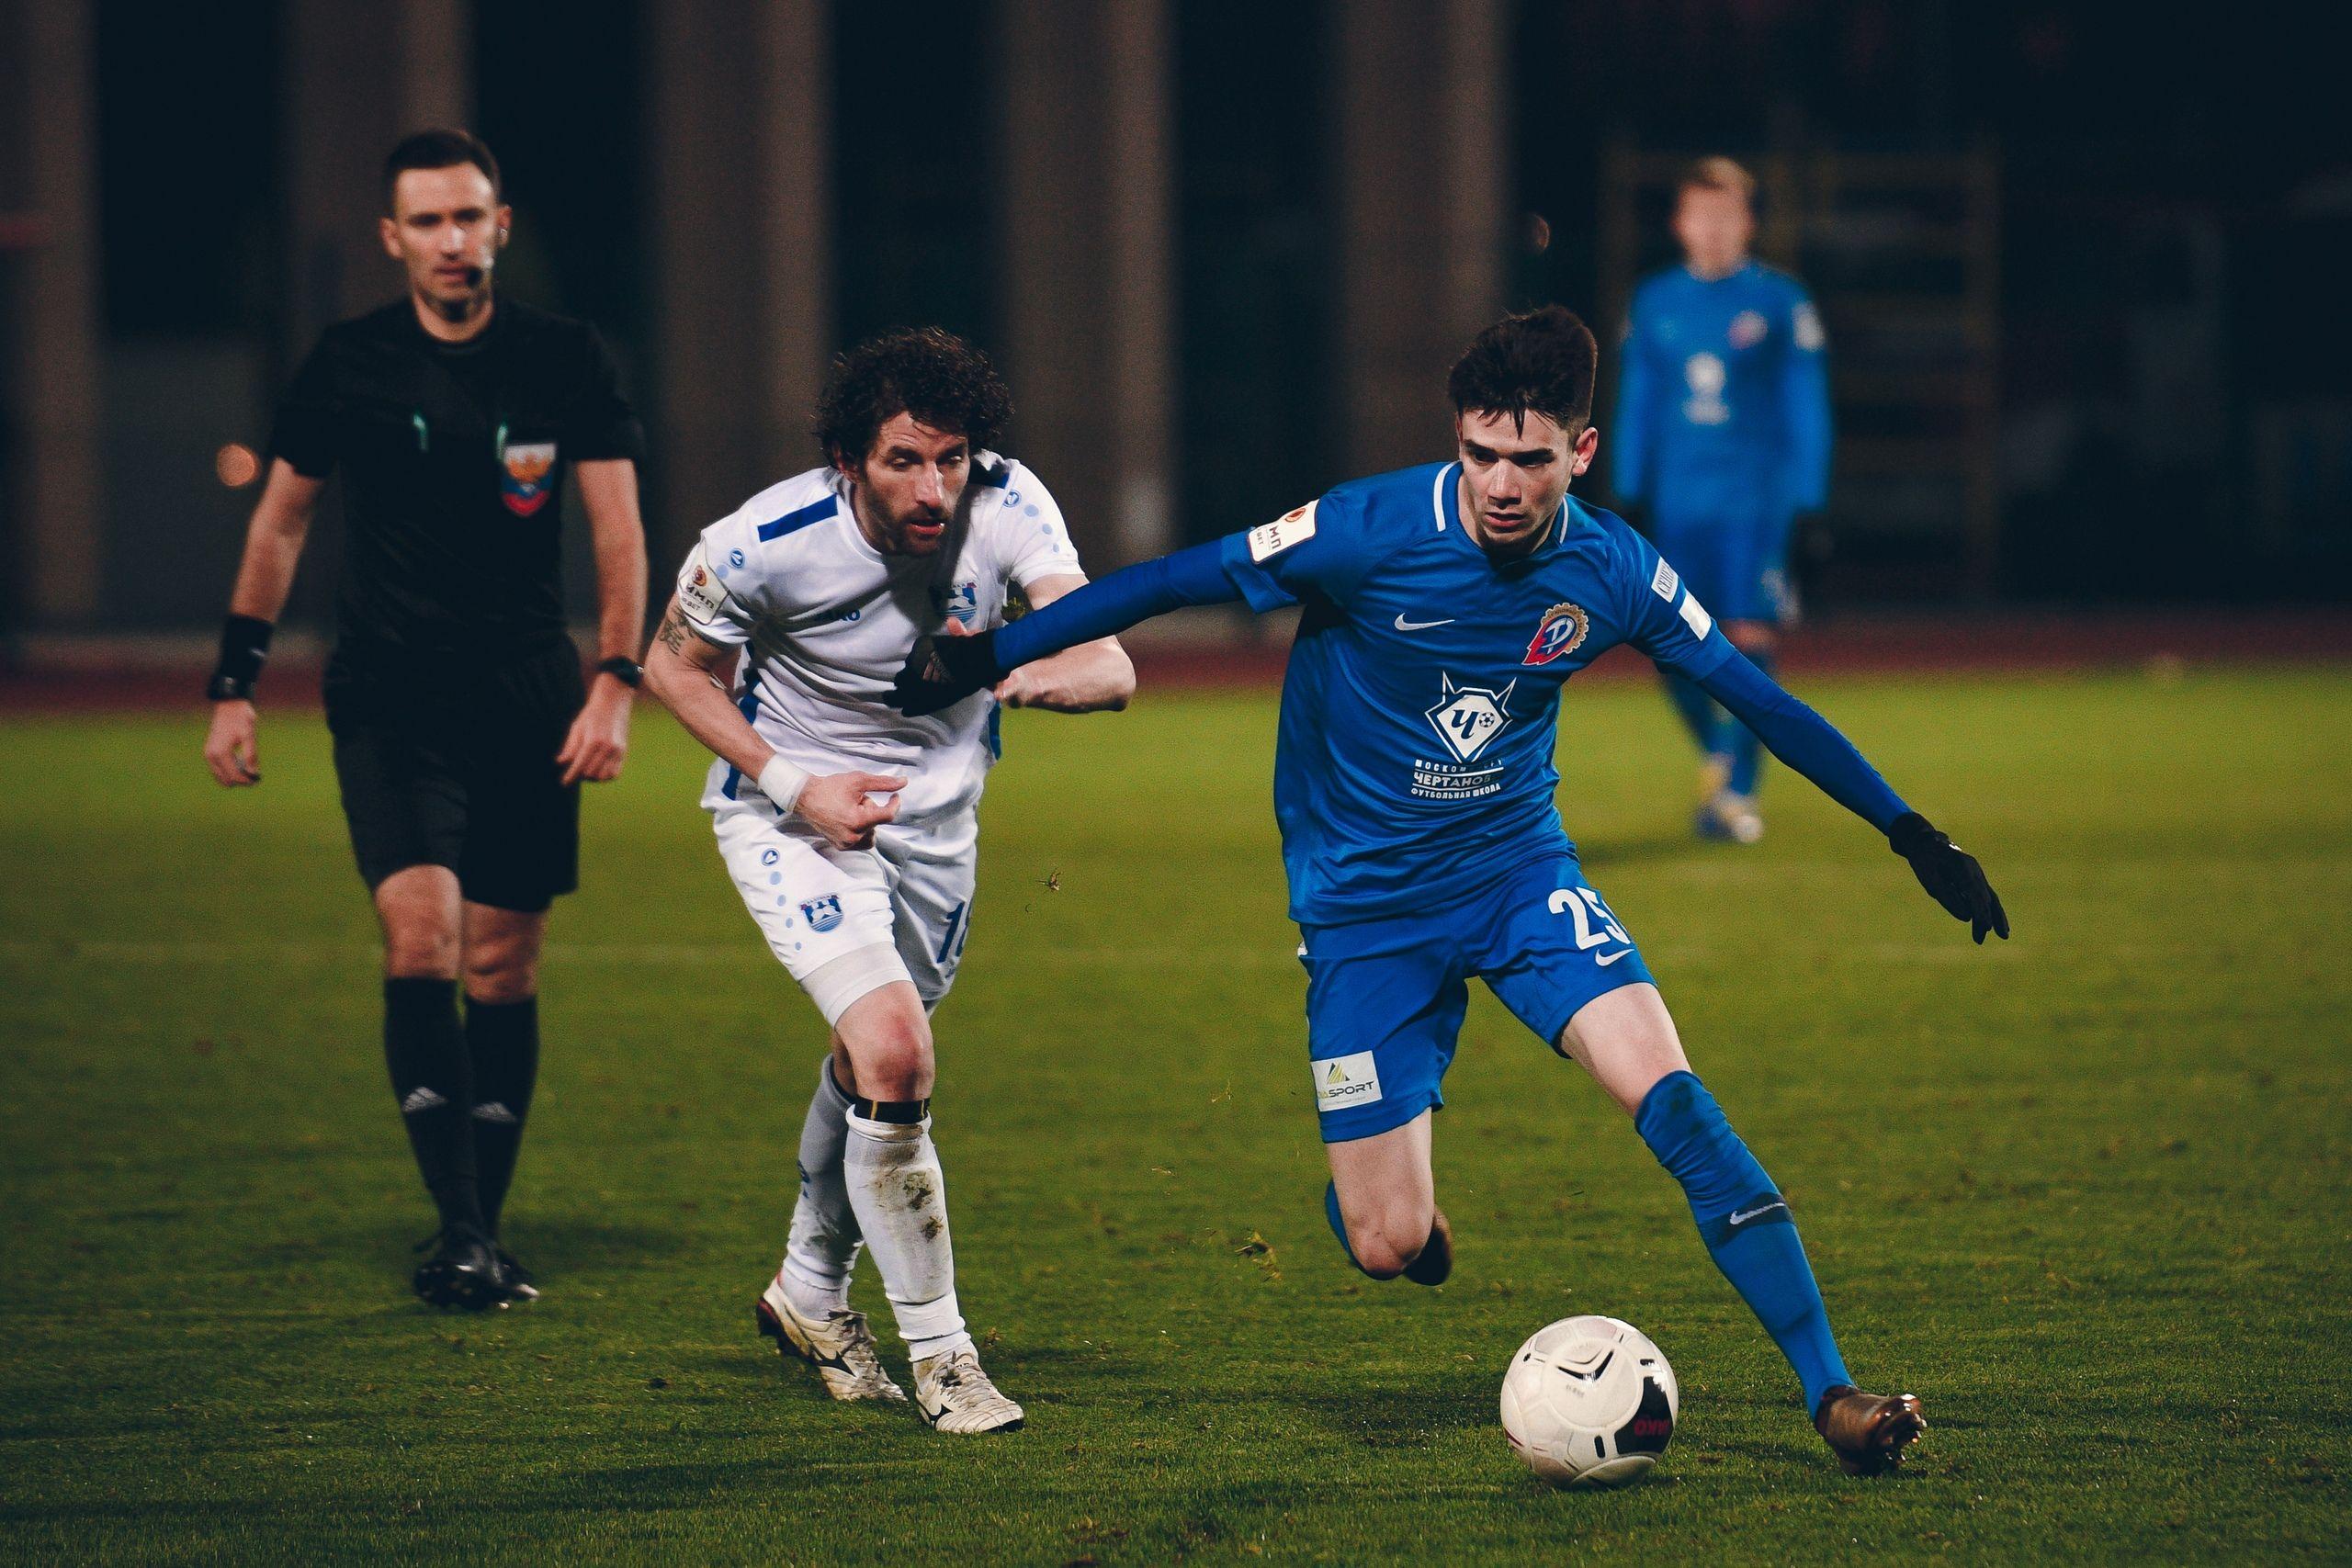 Футболист из «Чертаново» стал самым молодым игроком в Олимп-первенстве